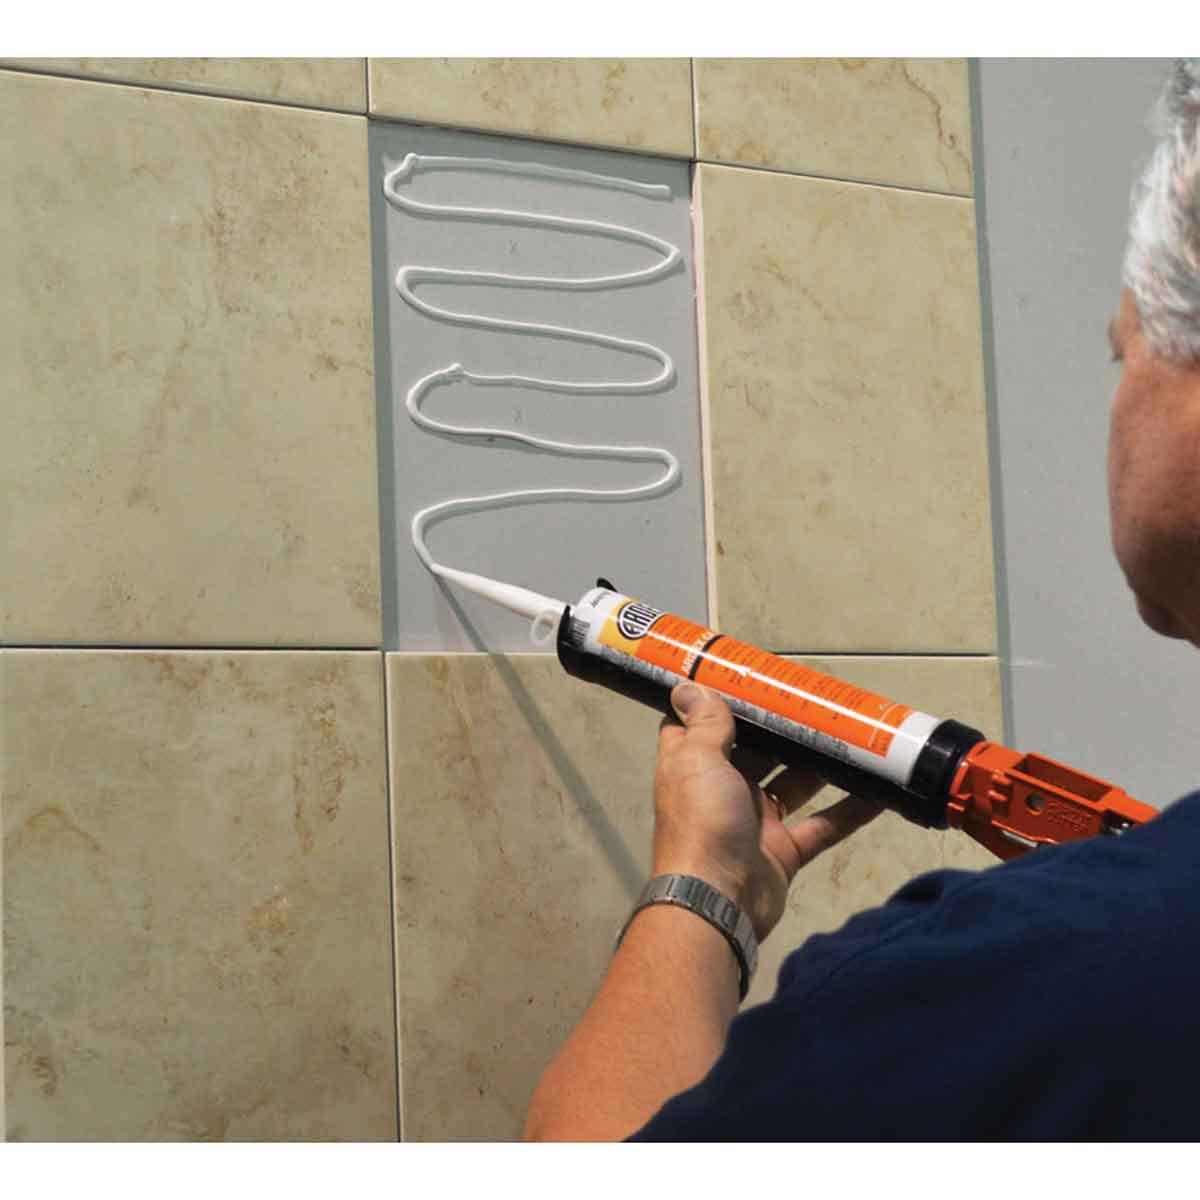 Ardex CA20P Multi-Purpose Adhesive Repairing Tile